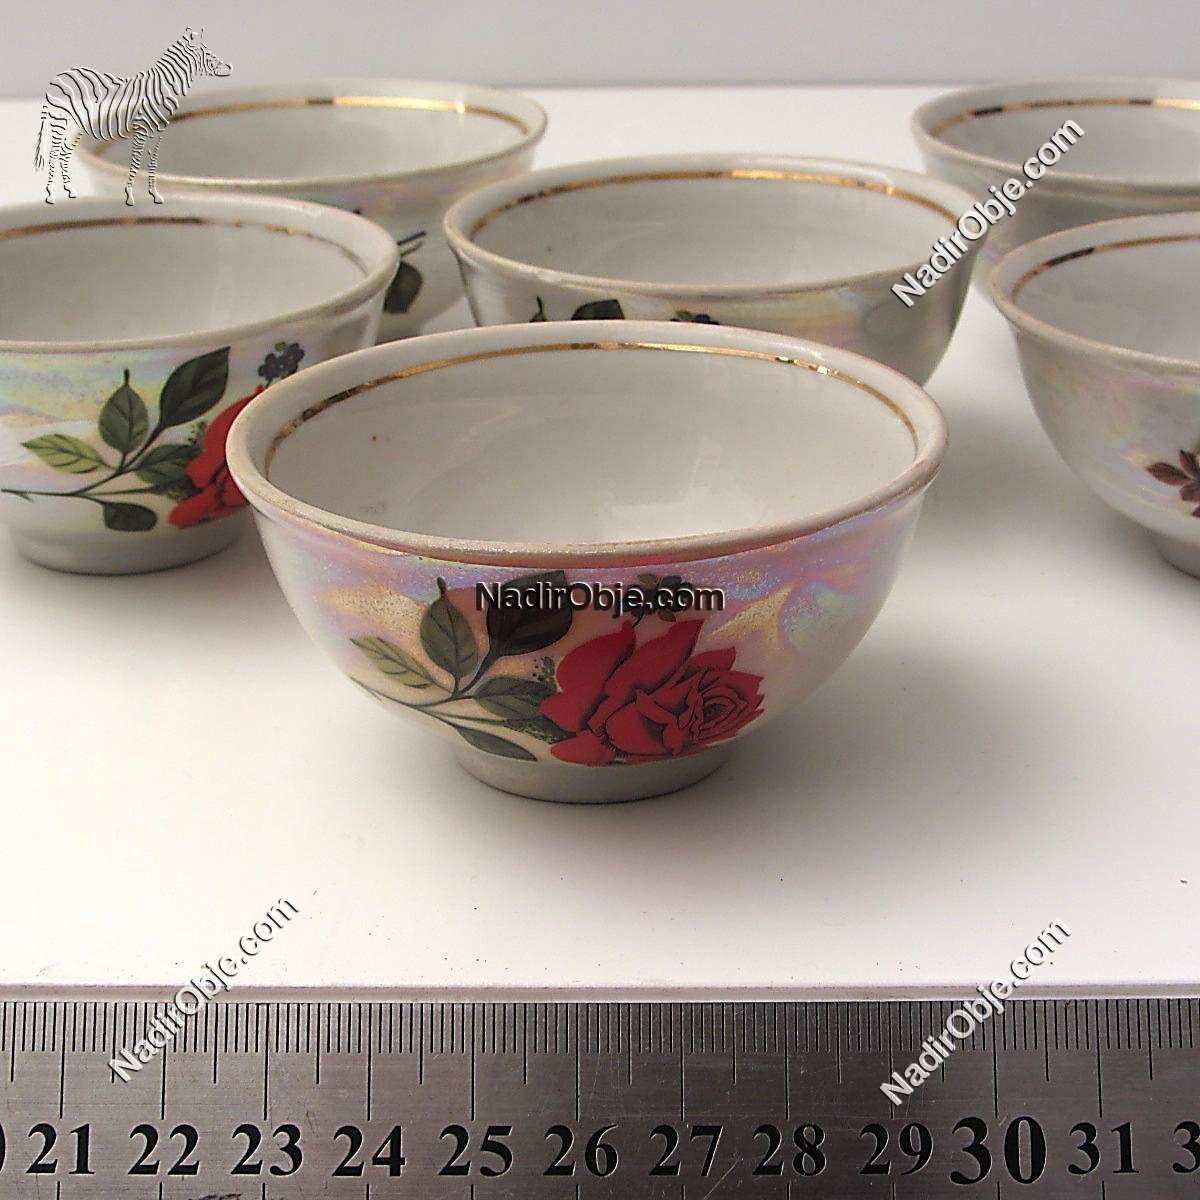 Porselen Fincanlar Seramik-Porselen Objeler Fincan